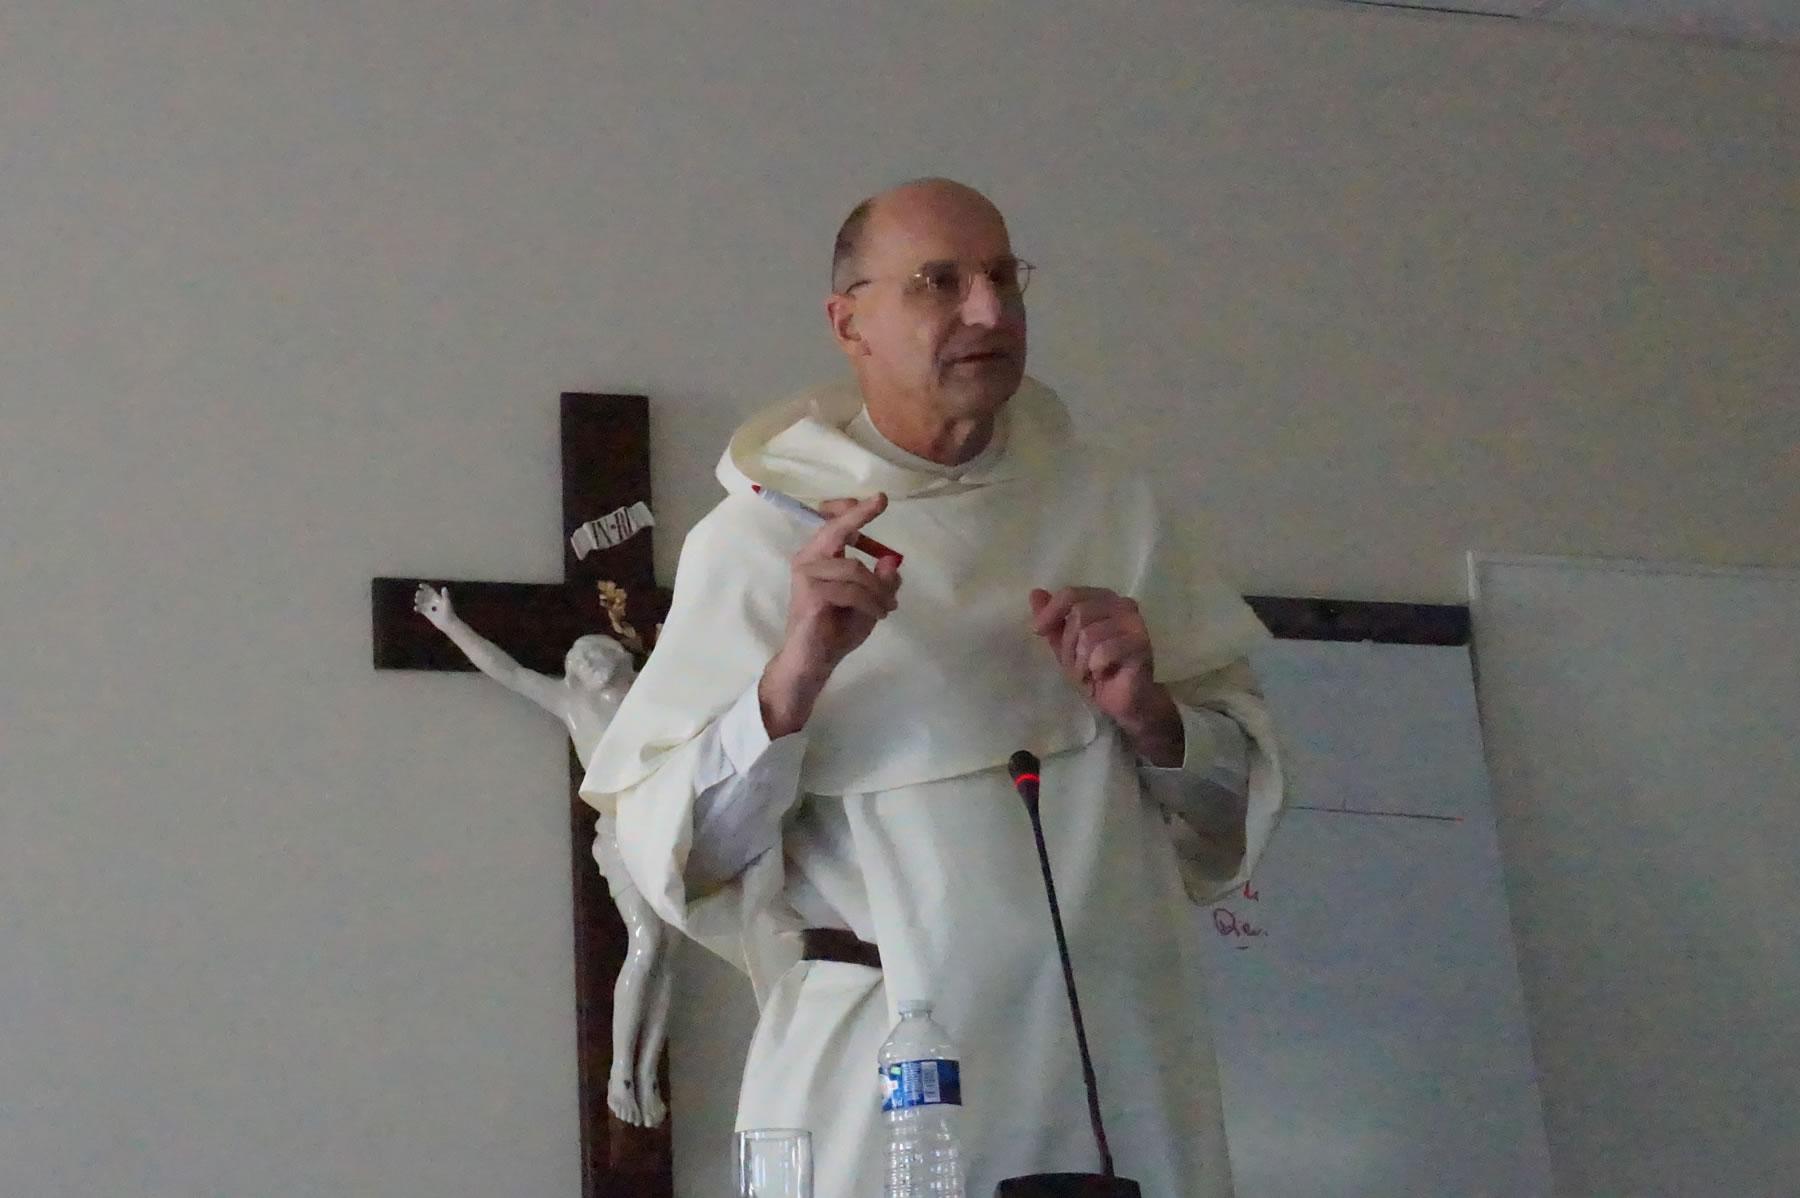 Session de théologie avec le Père Daguet du lundi 22 au samedi 27 février 2021.